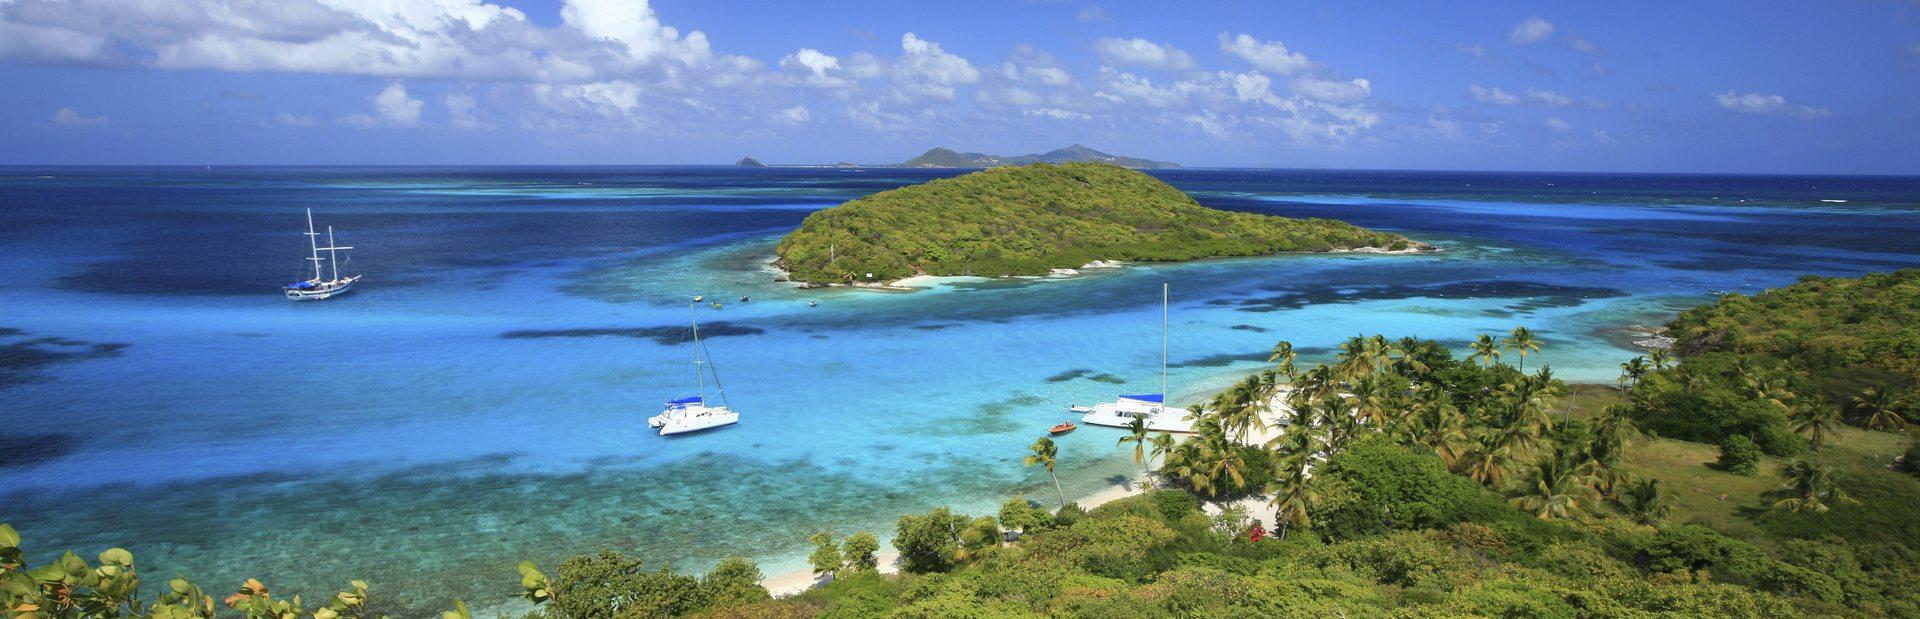 Tobago Cays guide